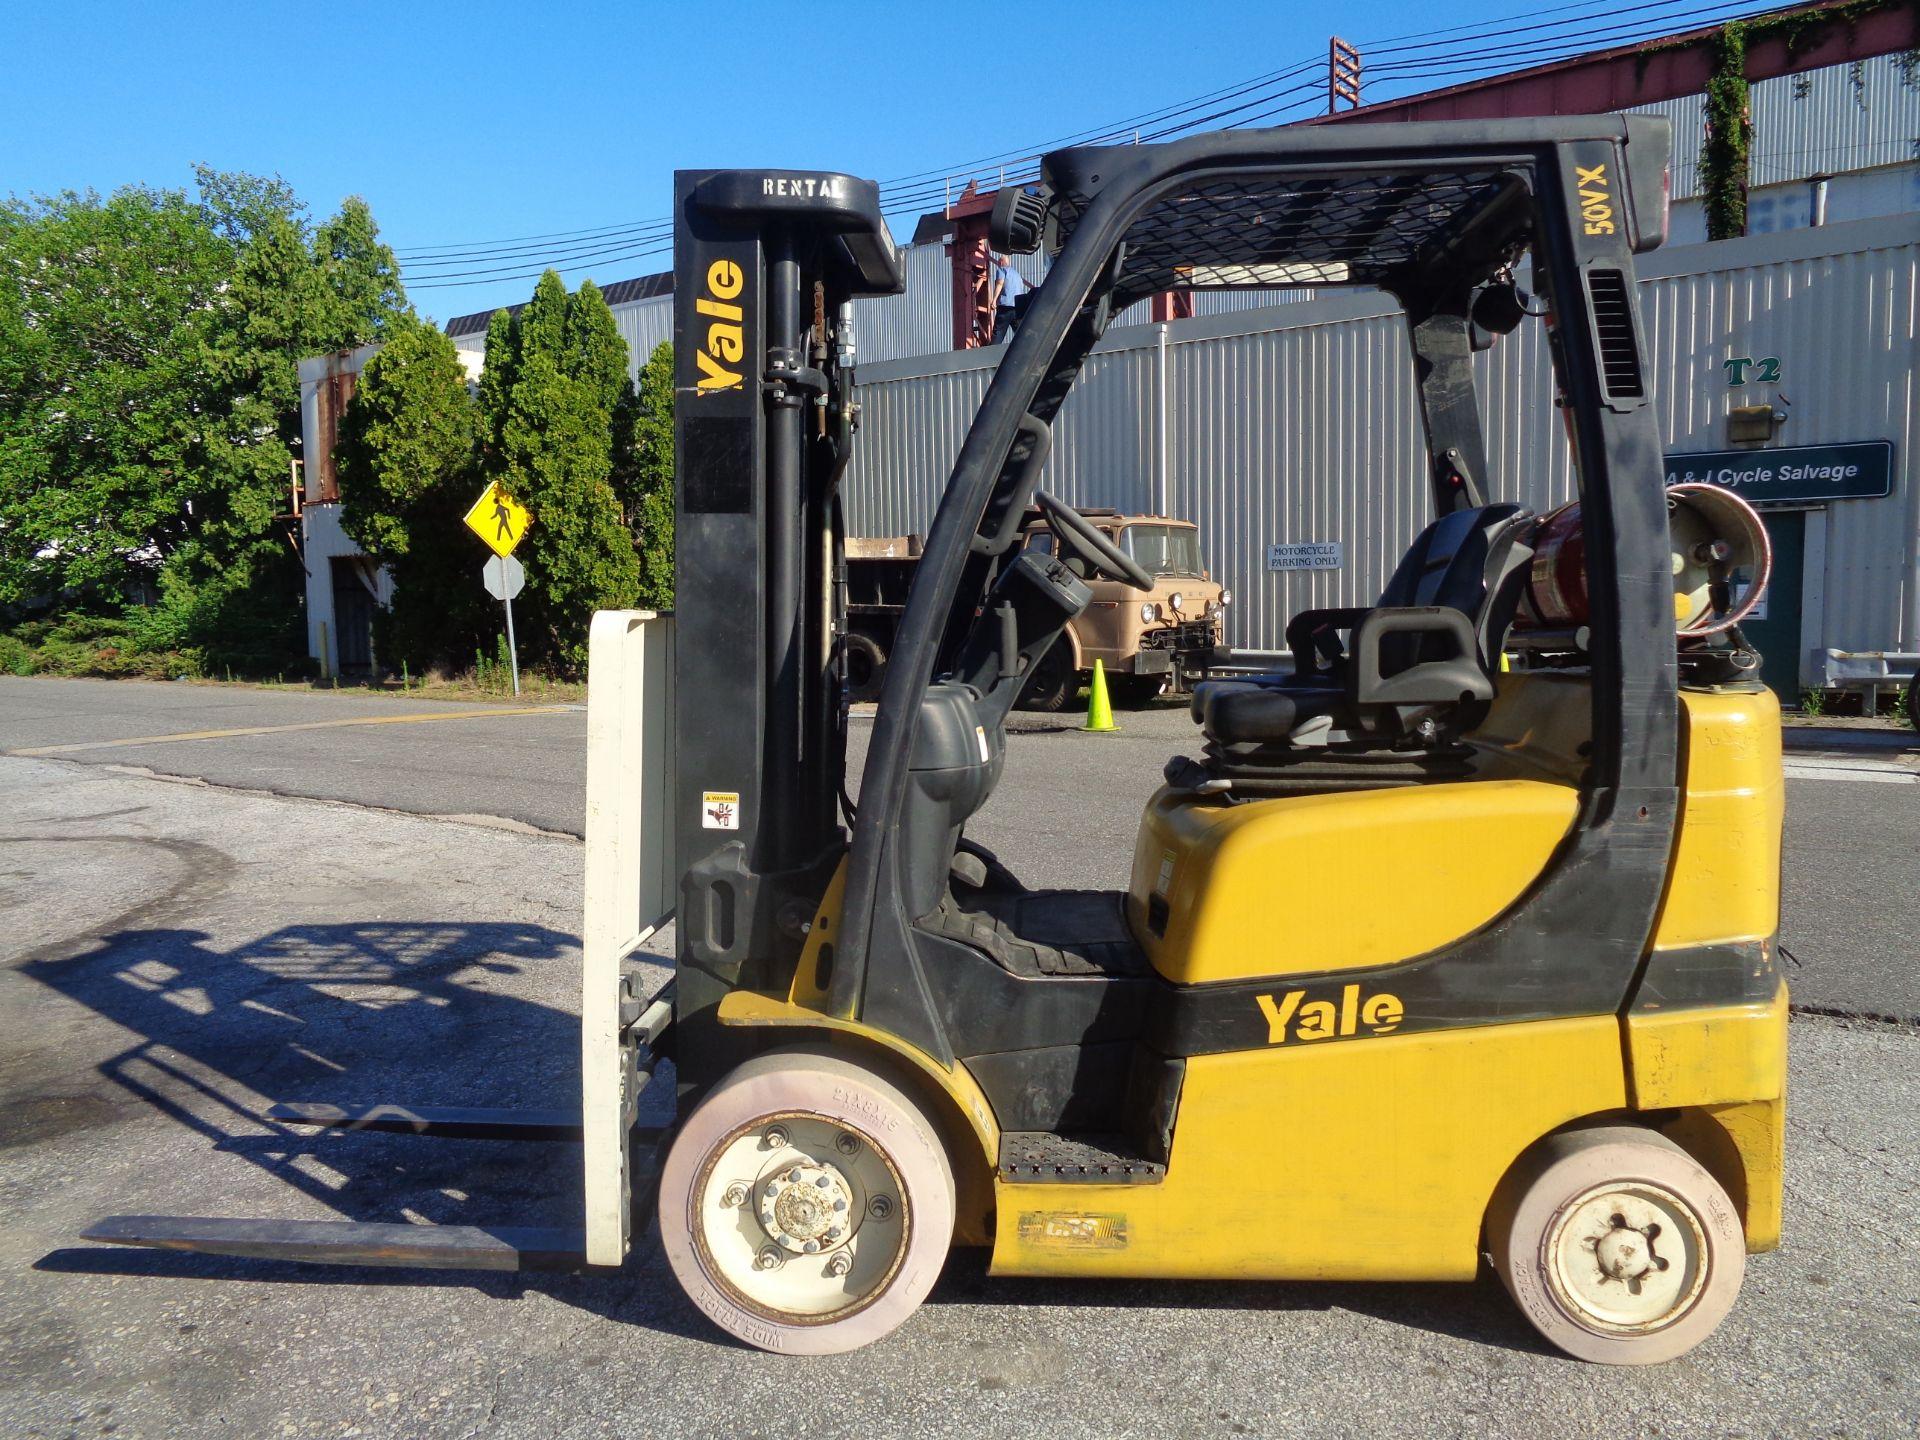 2014 Yale GLC050VXNVRE088 5,000 lb Forklift - Image 4 of 11